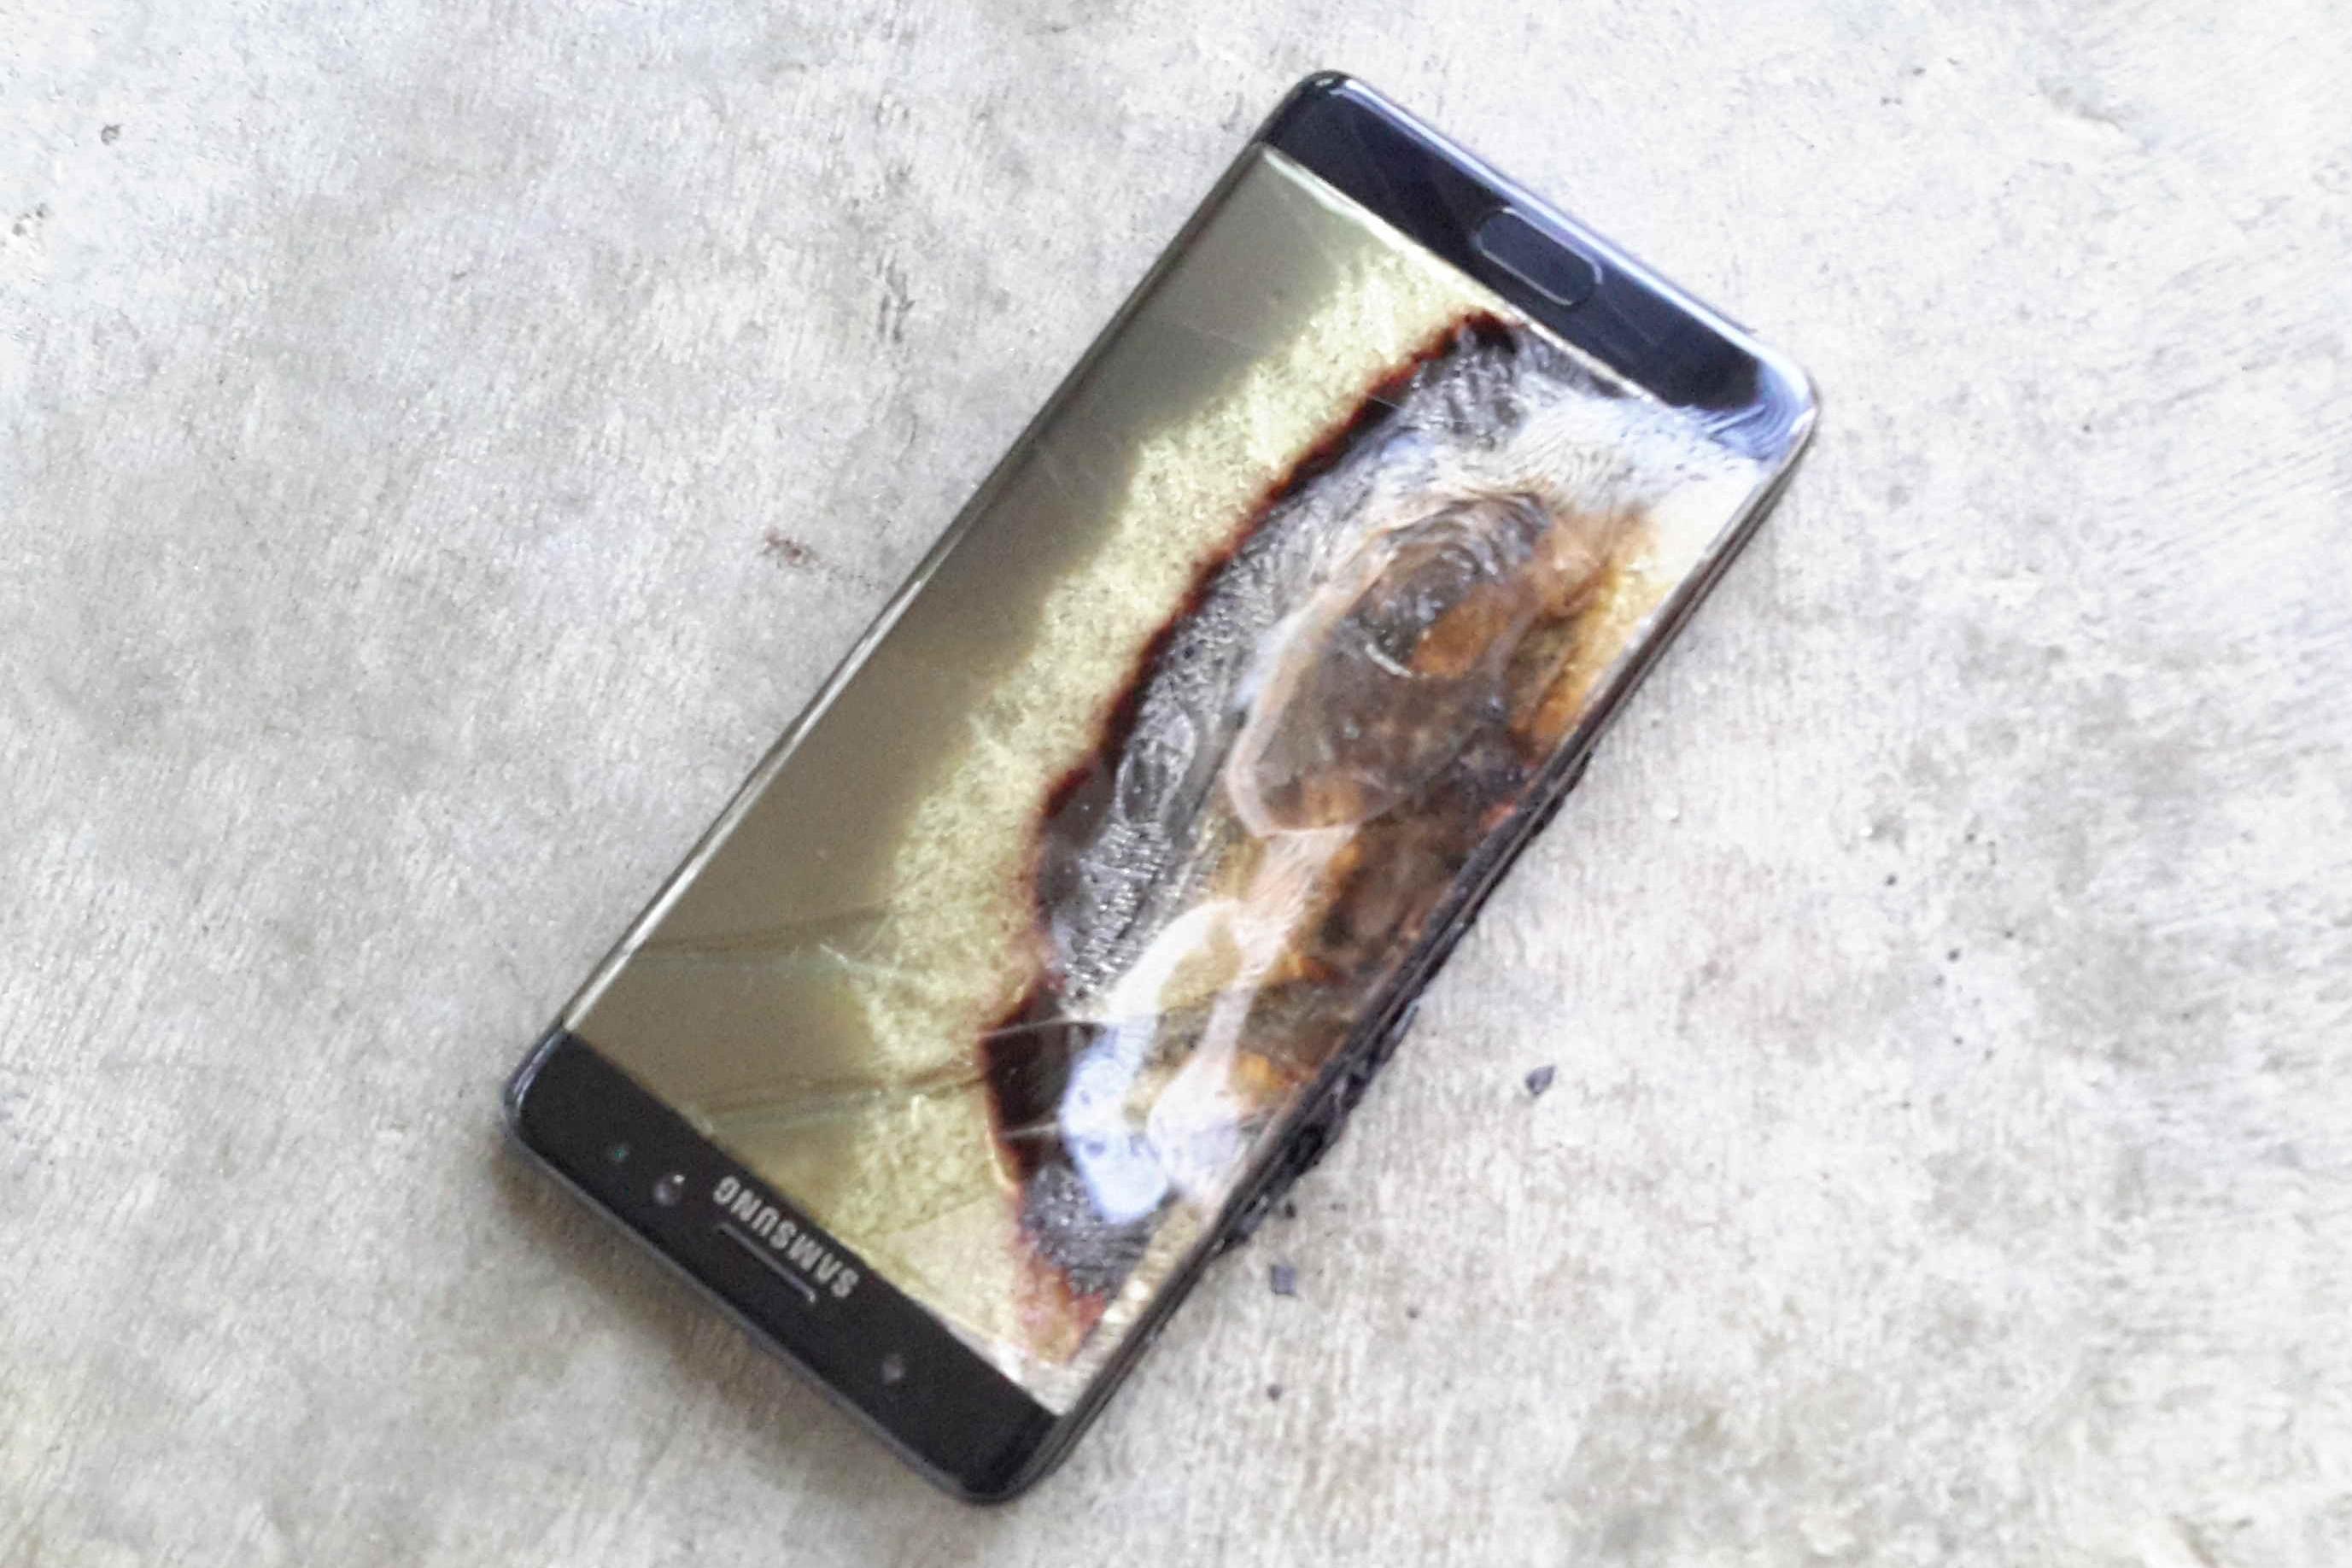 Samsung joga a toalha: desliguem agora e parem de usar o Galaxy Note 7